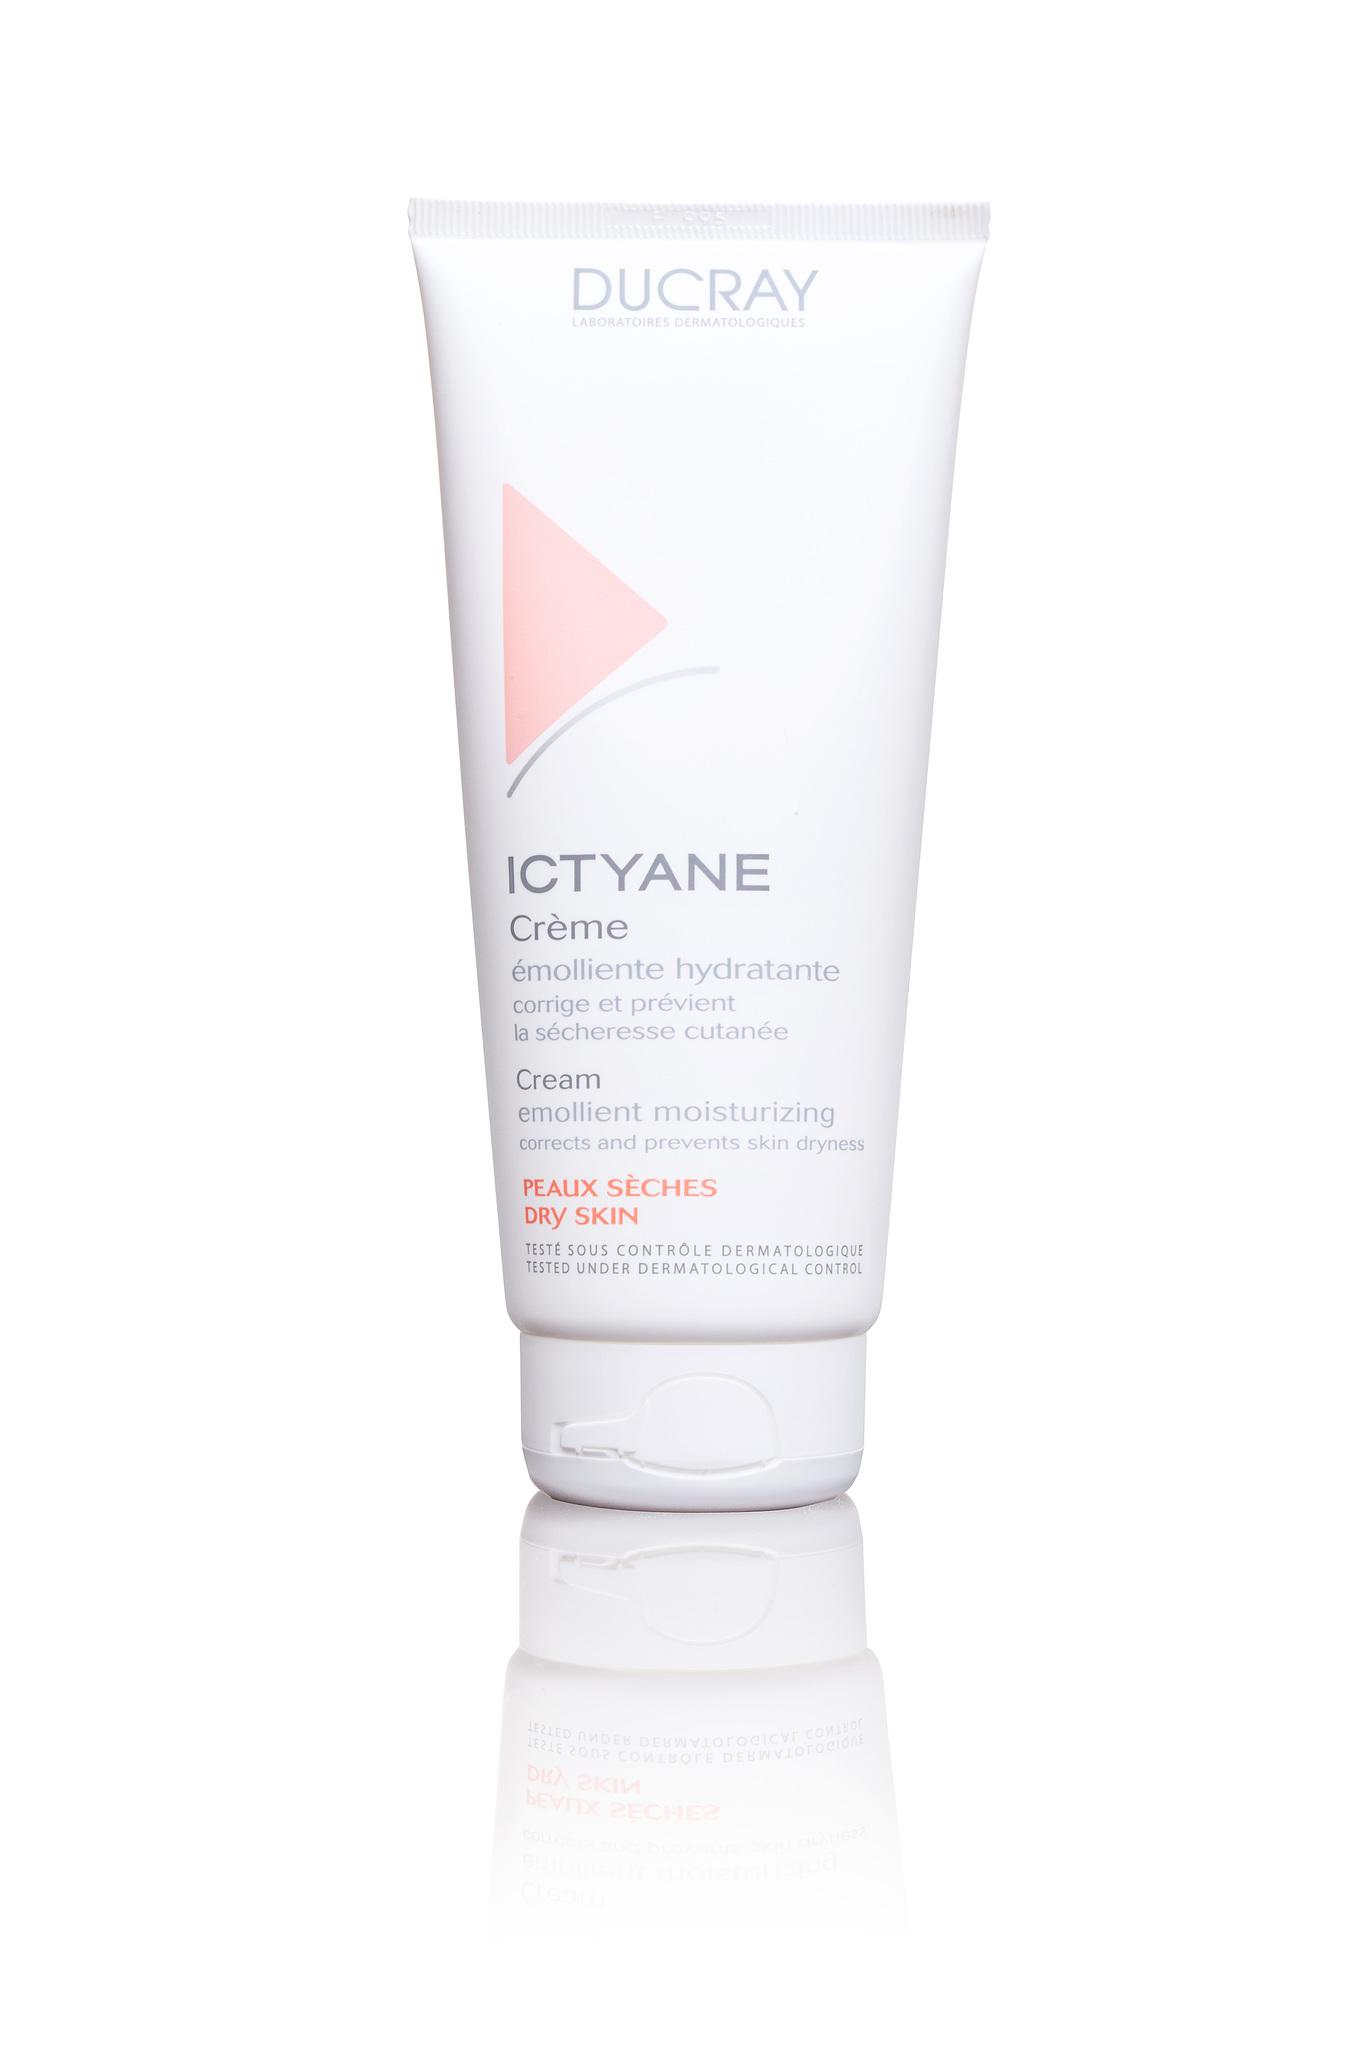 Ducray Ictyane крем для сухой кожи 50 мл.